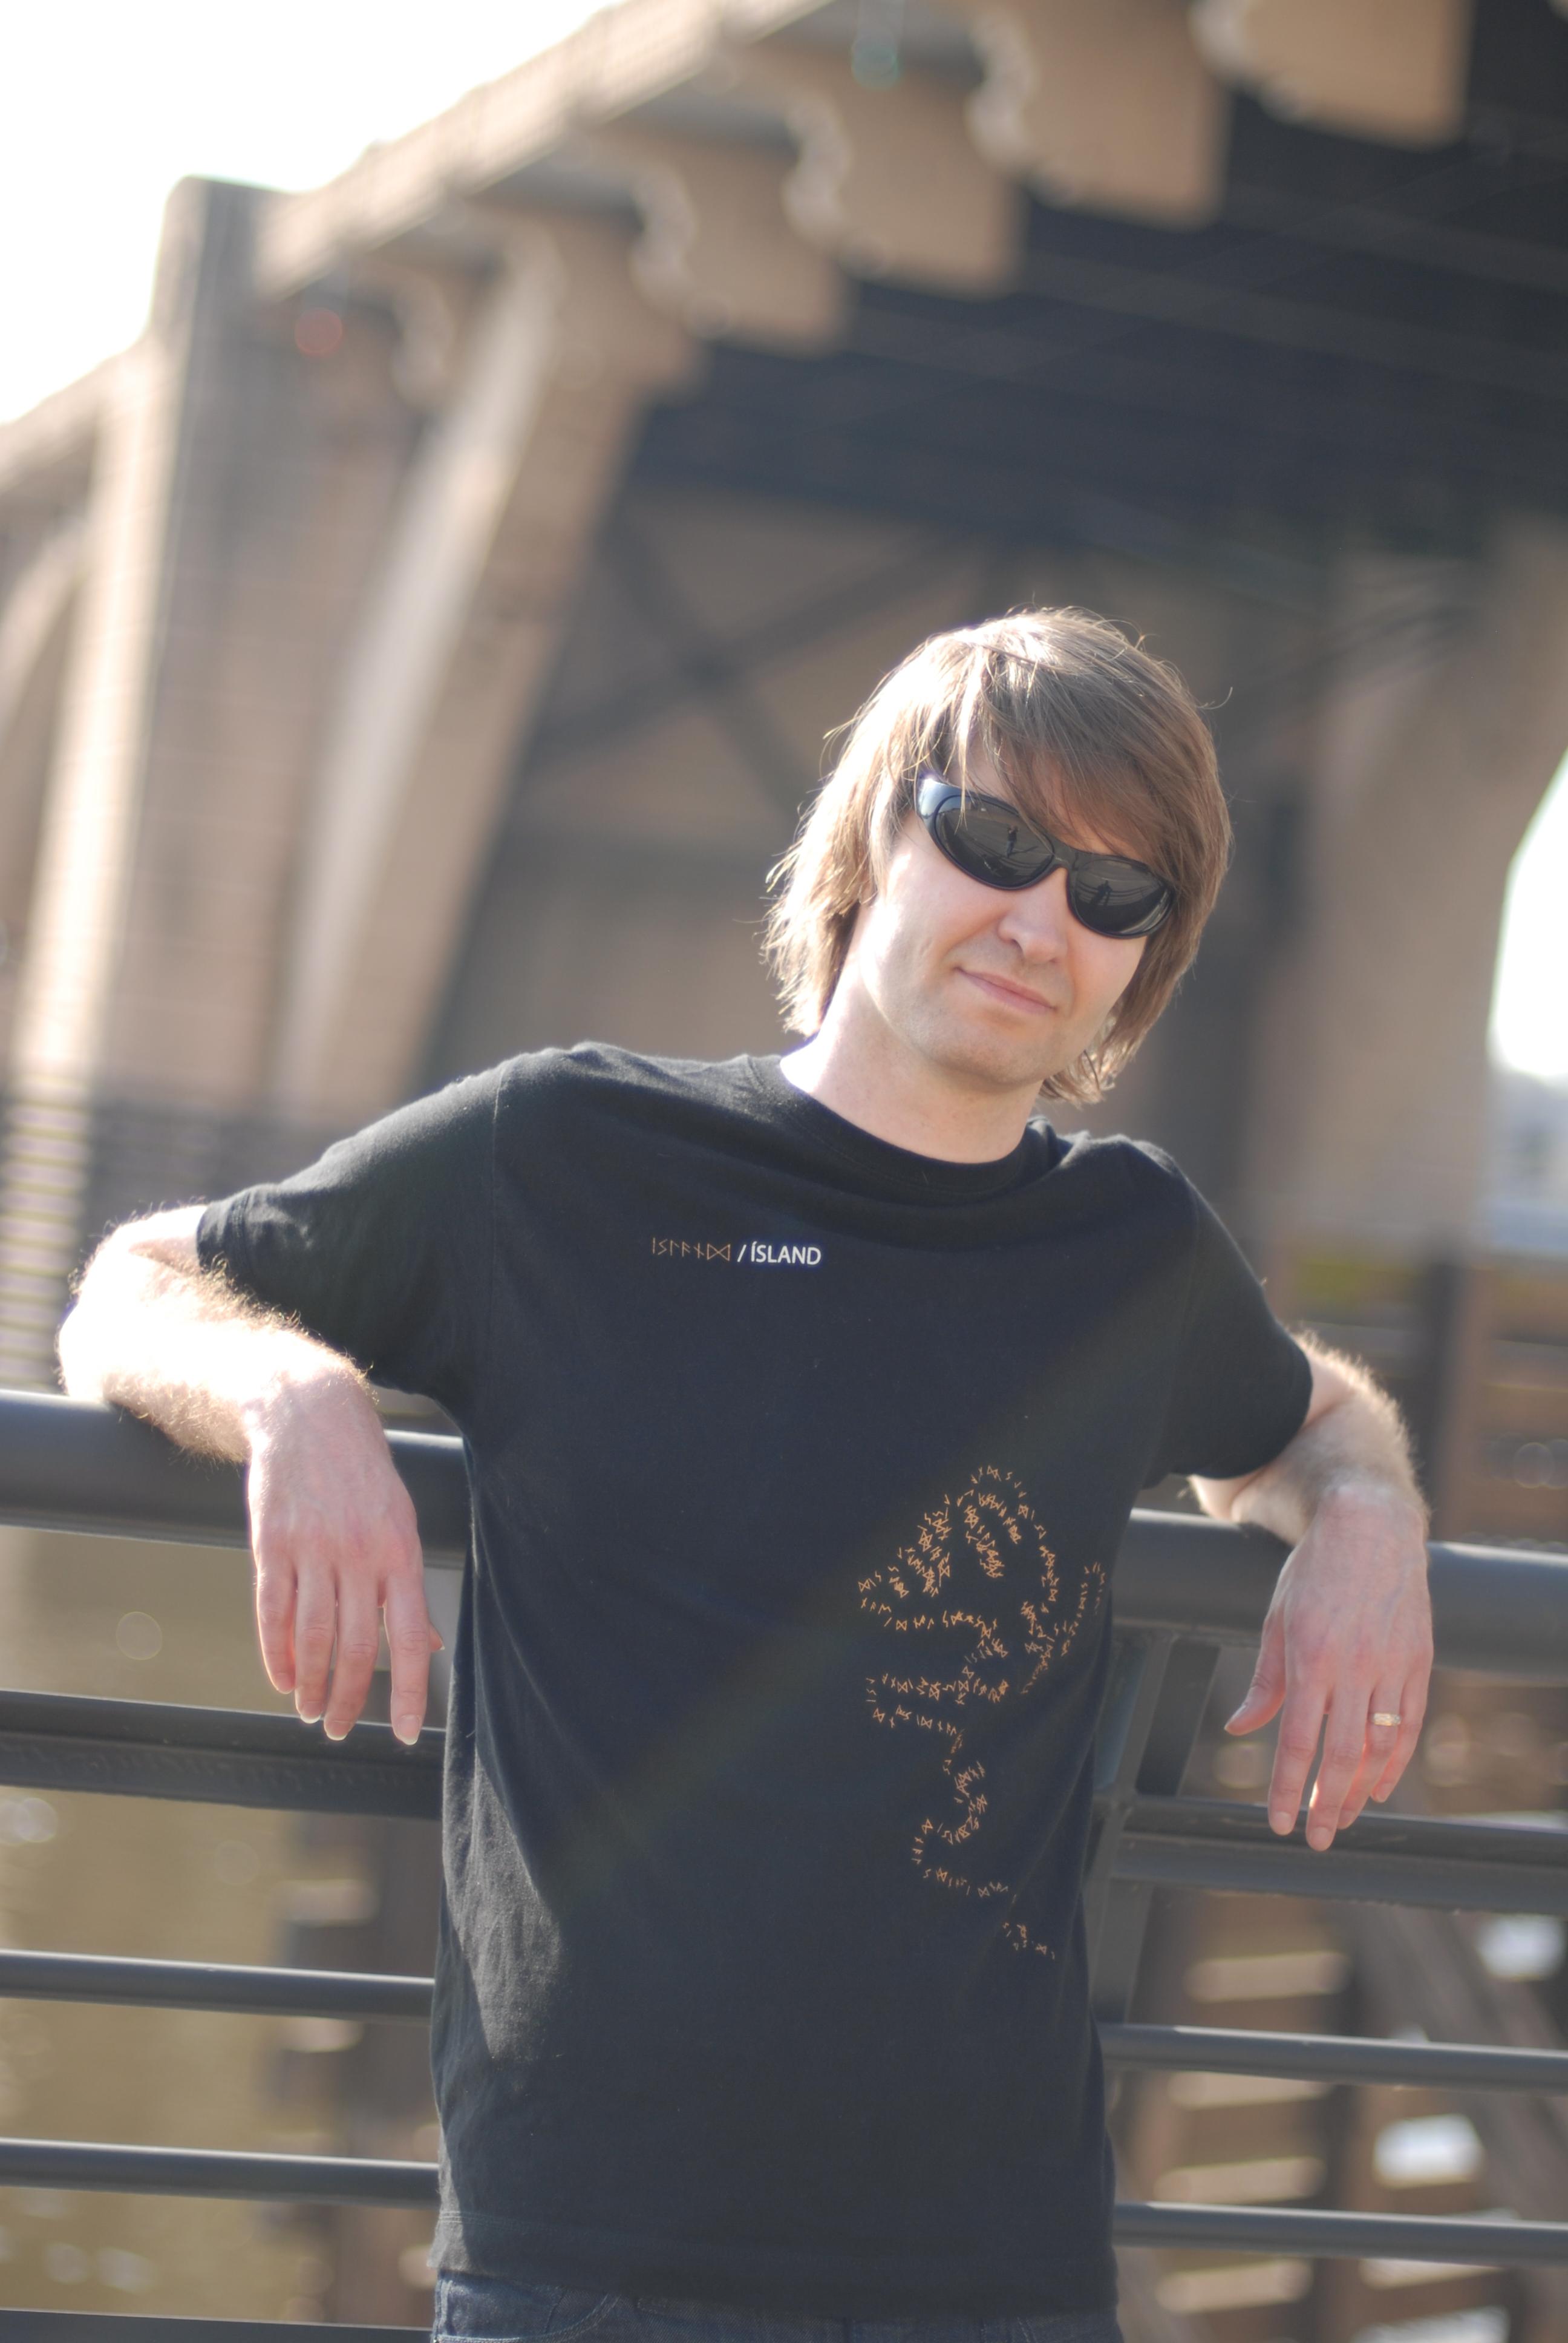 Mike Westbrock